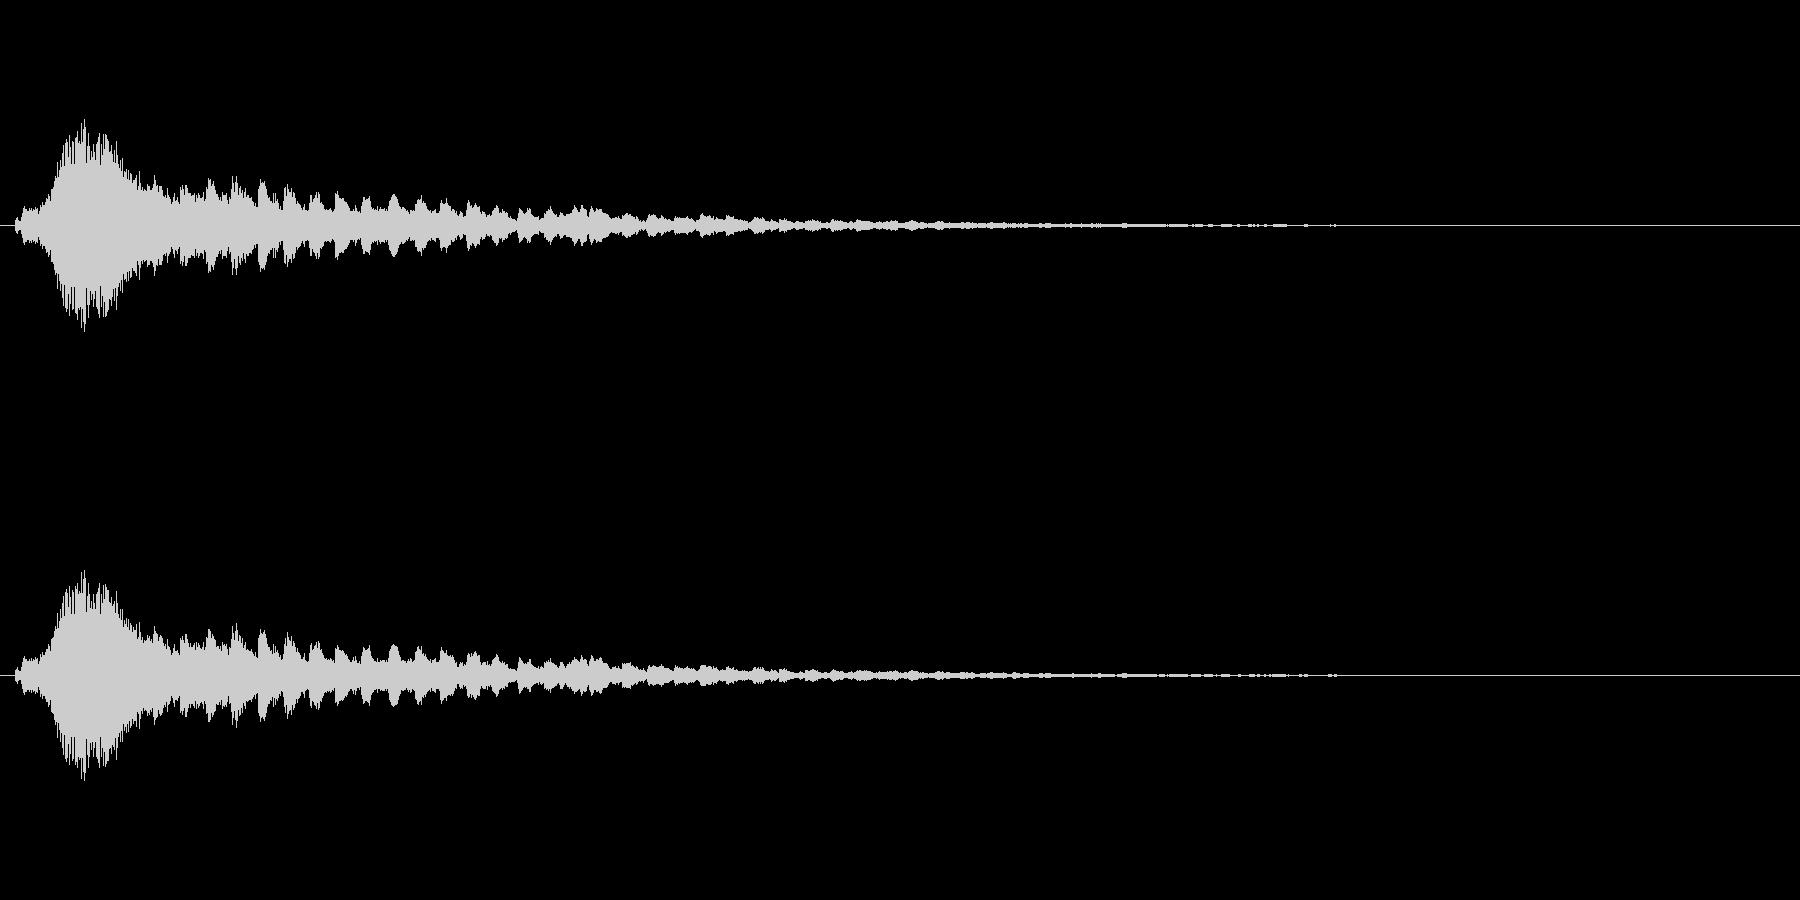 【ショートブリッジ11-1】の未再生の波形